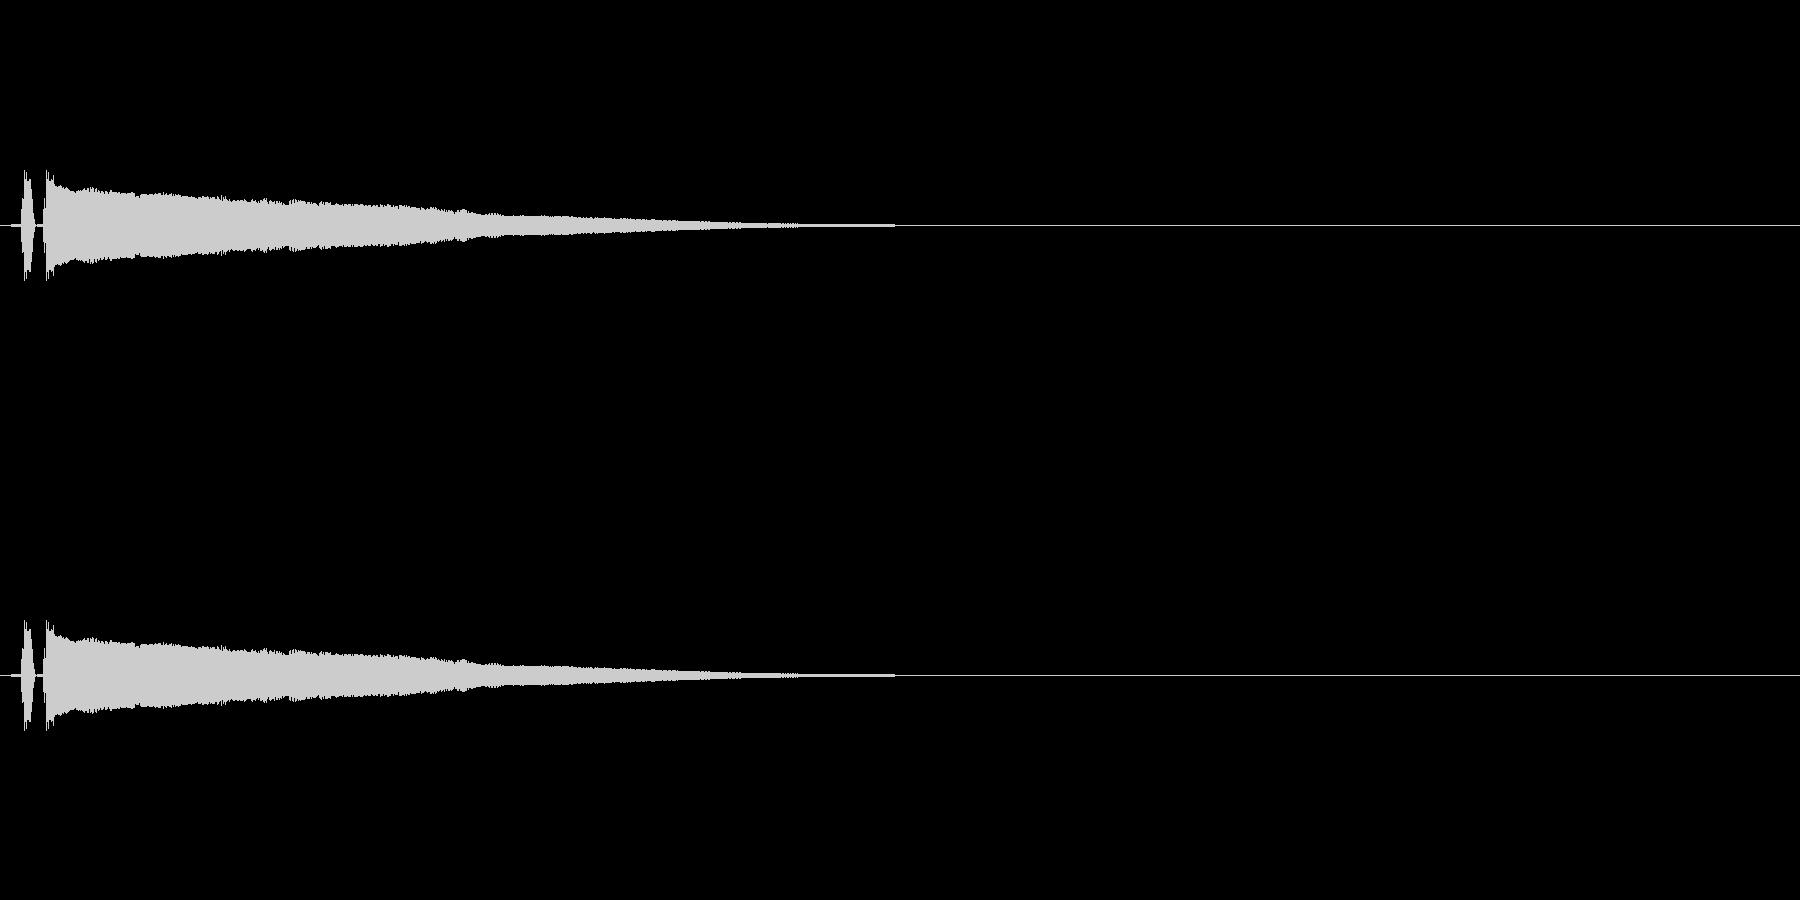 チューン(レーザーの音)の未再生の波形